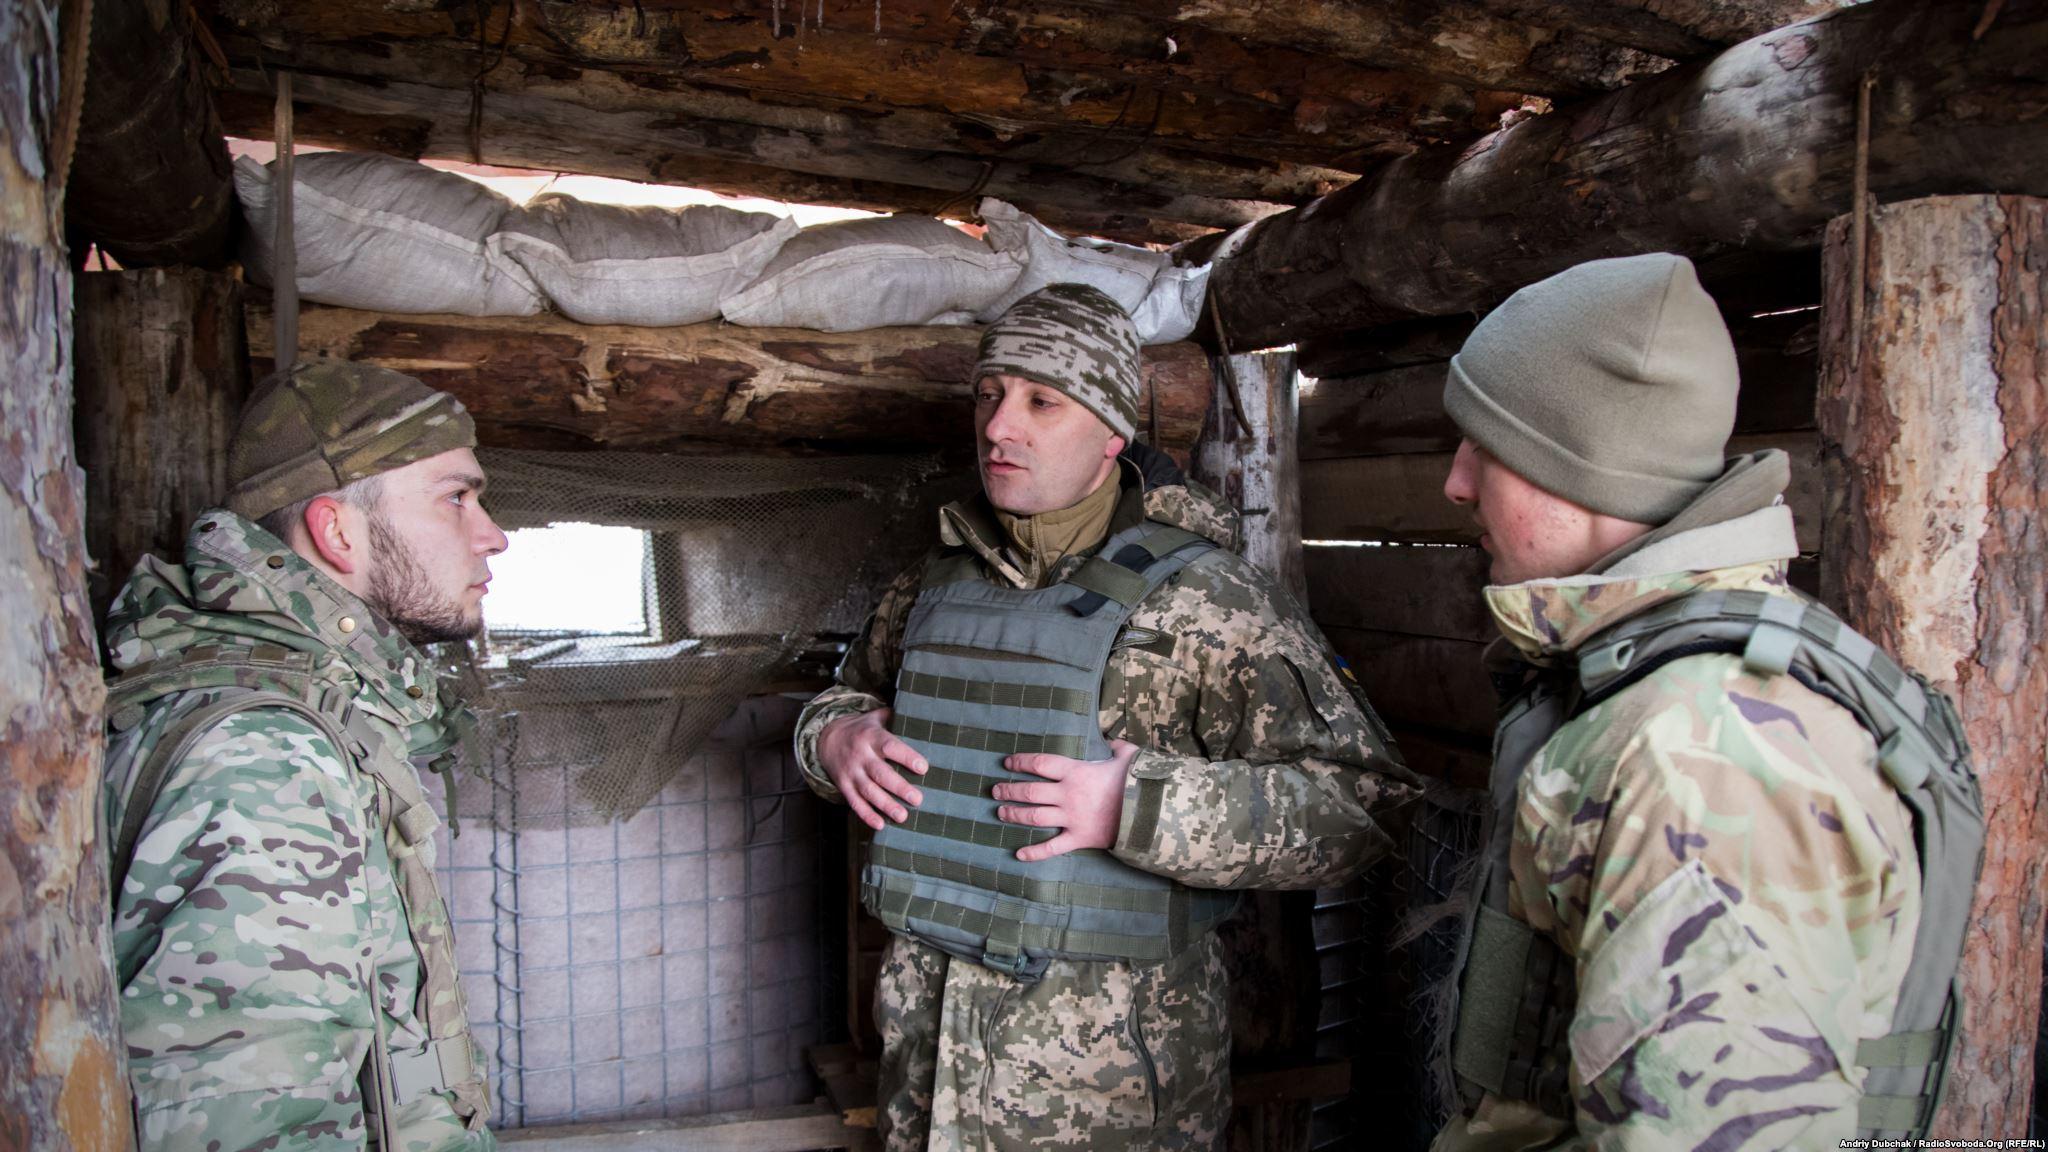 Дмитро Делятицький (у центрі) слухає доповідь матроса морської піхоти про ситуацію на передовій Photo: Andriy Dubchak